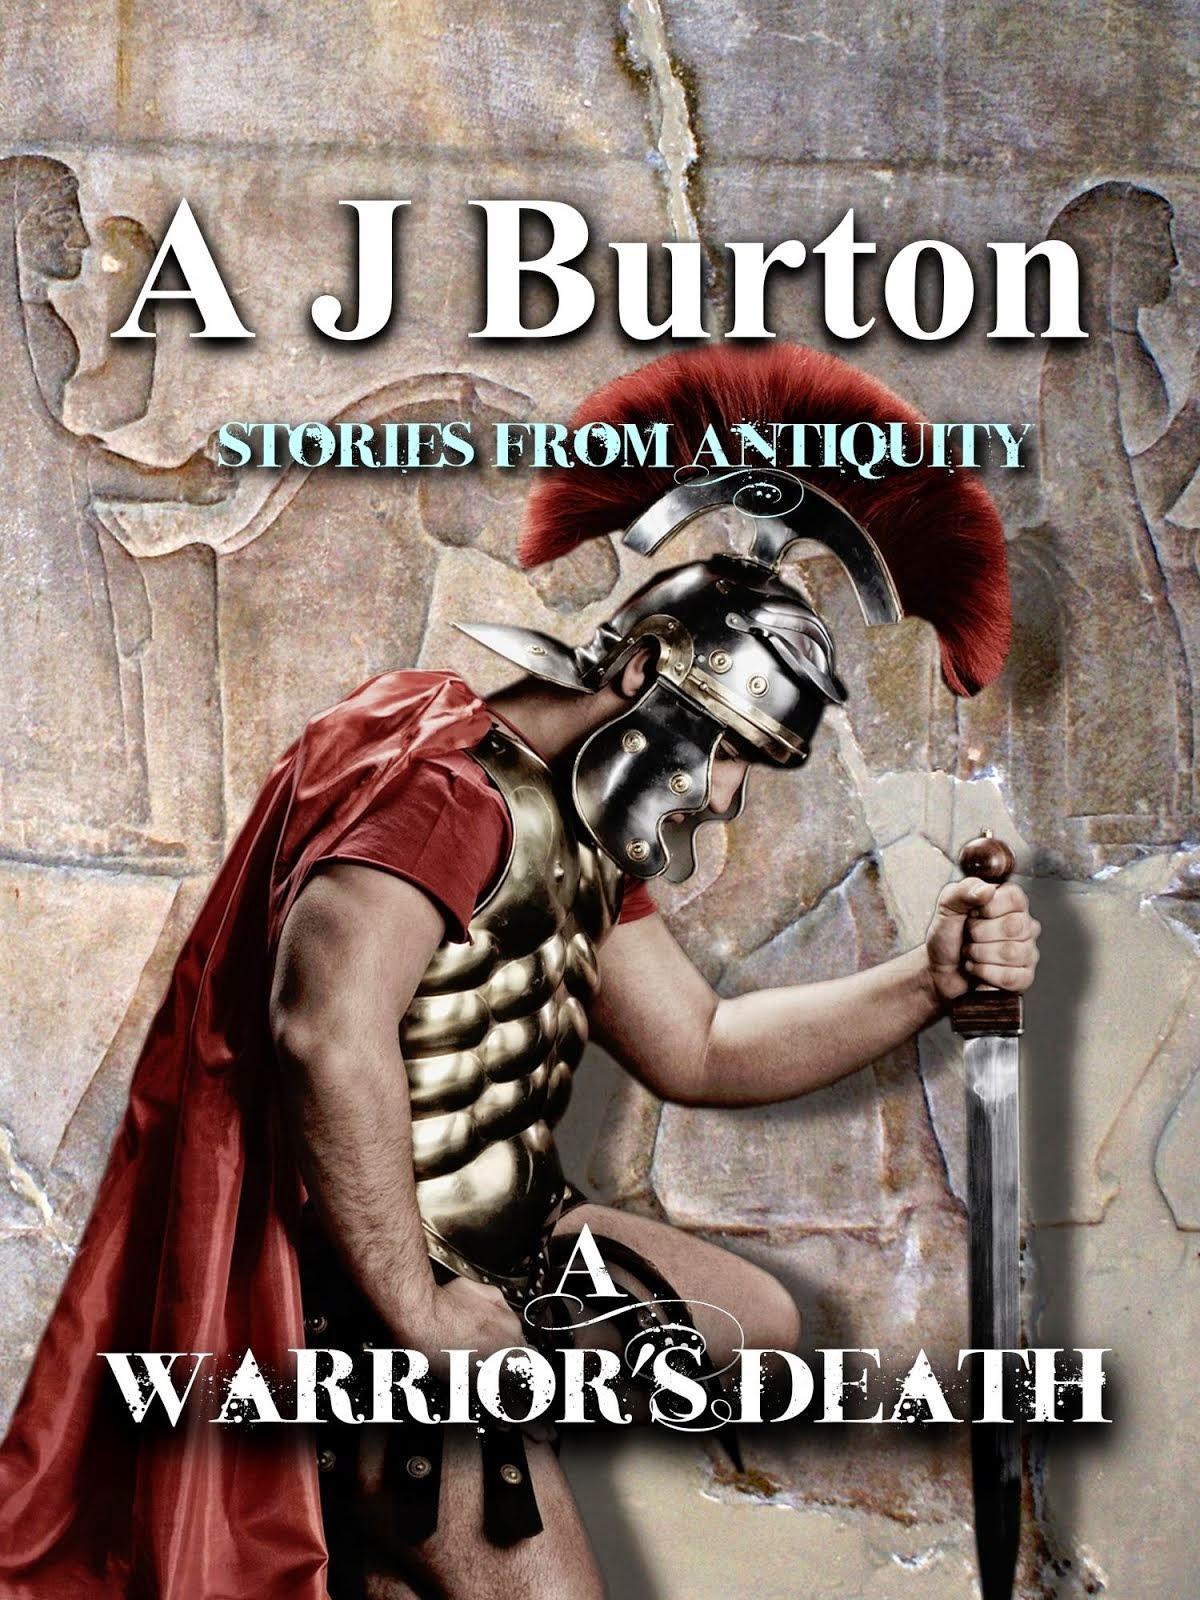 A Warrior's Death